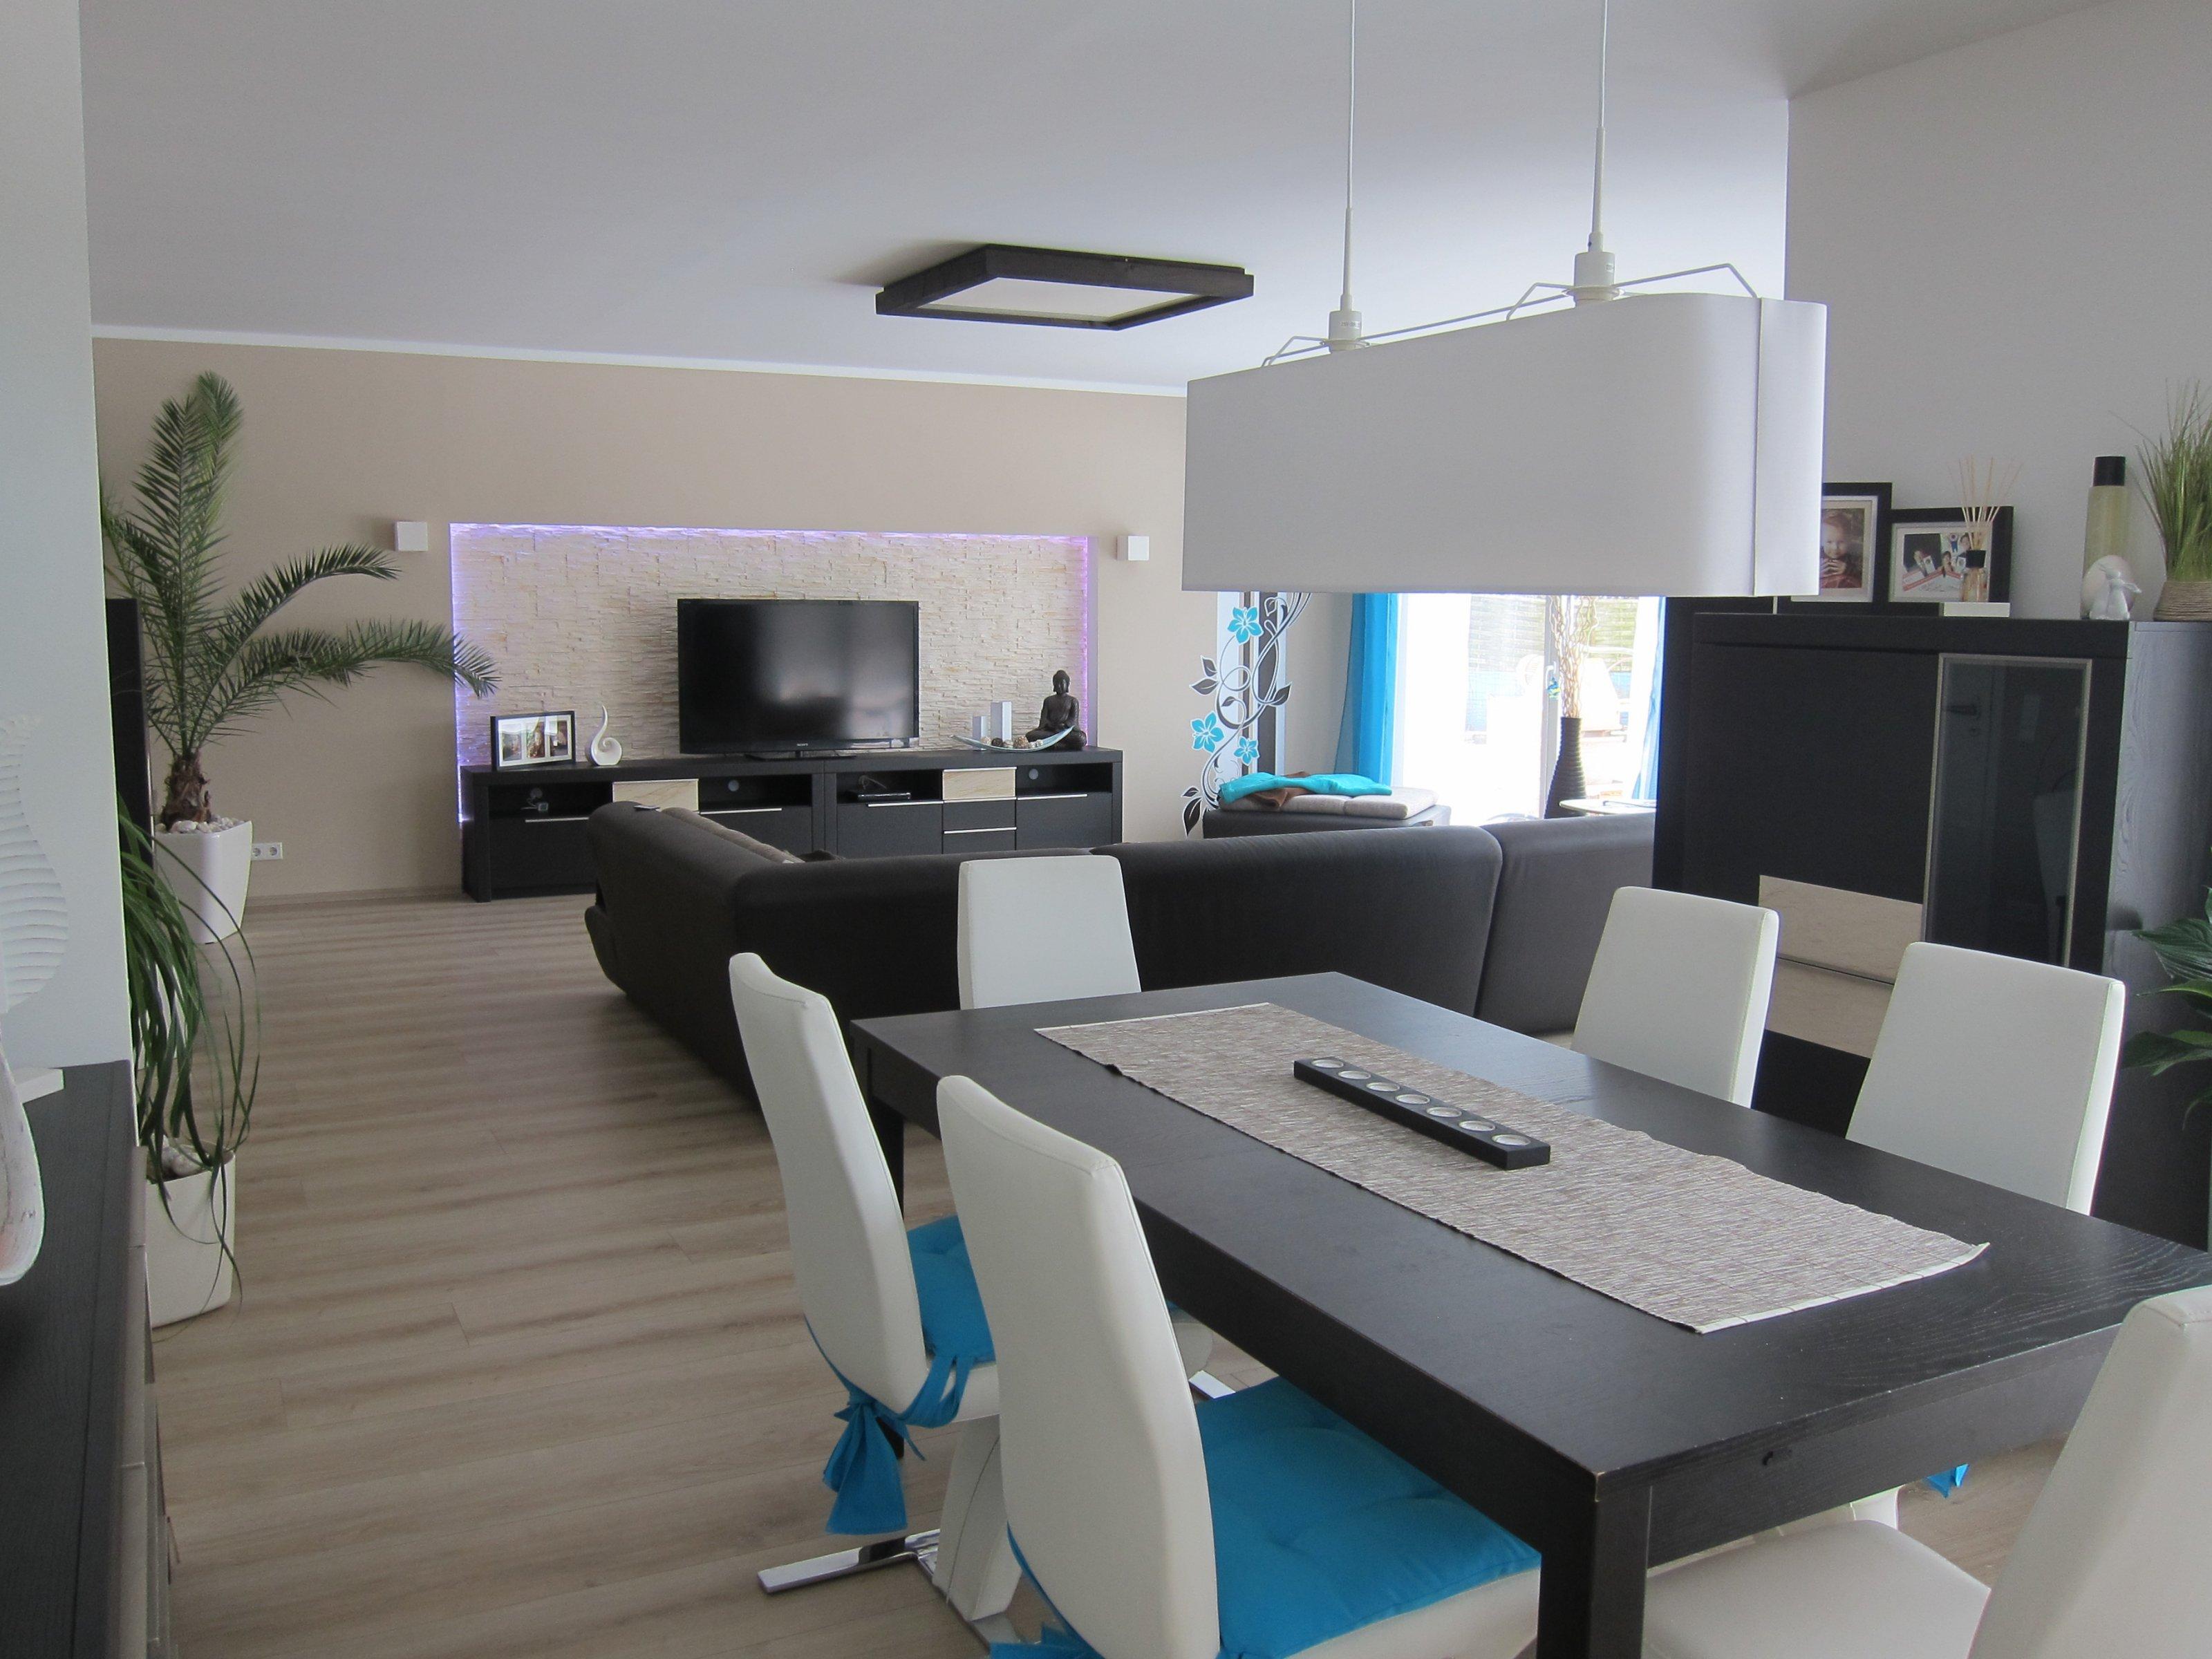 wohnzimmer 39 wohn esszimmer k che in neuem glanz 39 unser traum vom haus zimmerschau. Black Bedroom Furniture Sets. Home Design Ideas